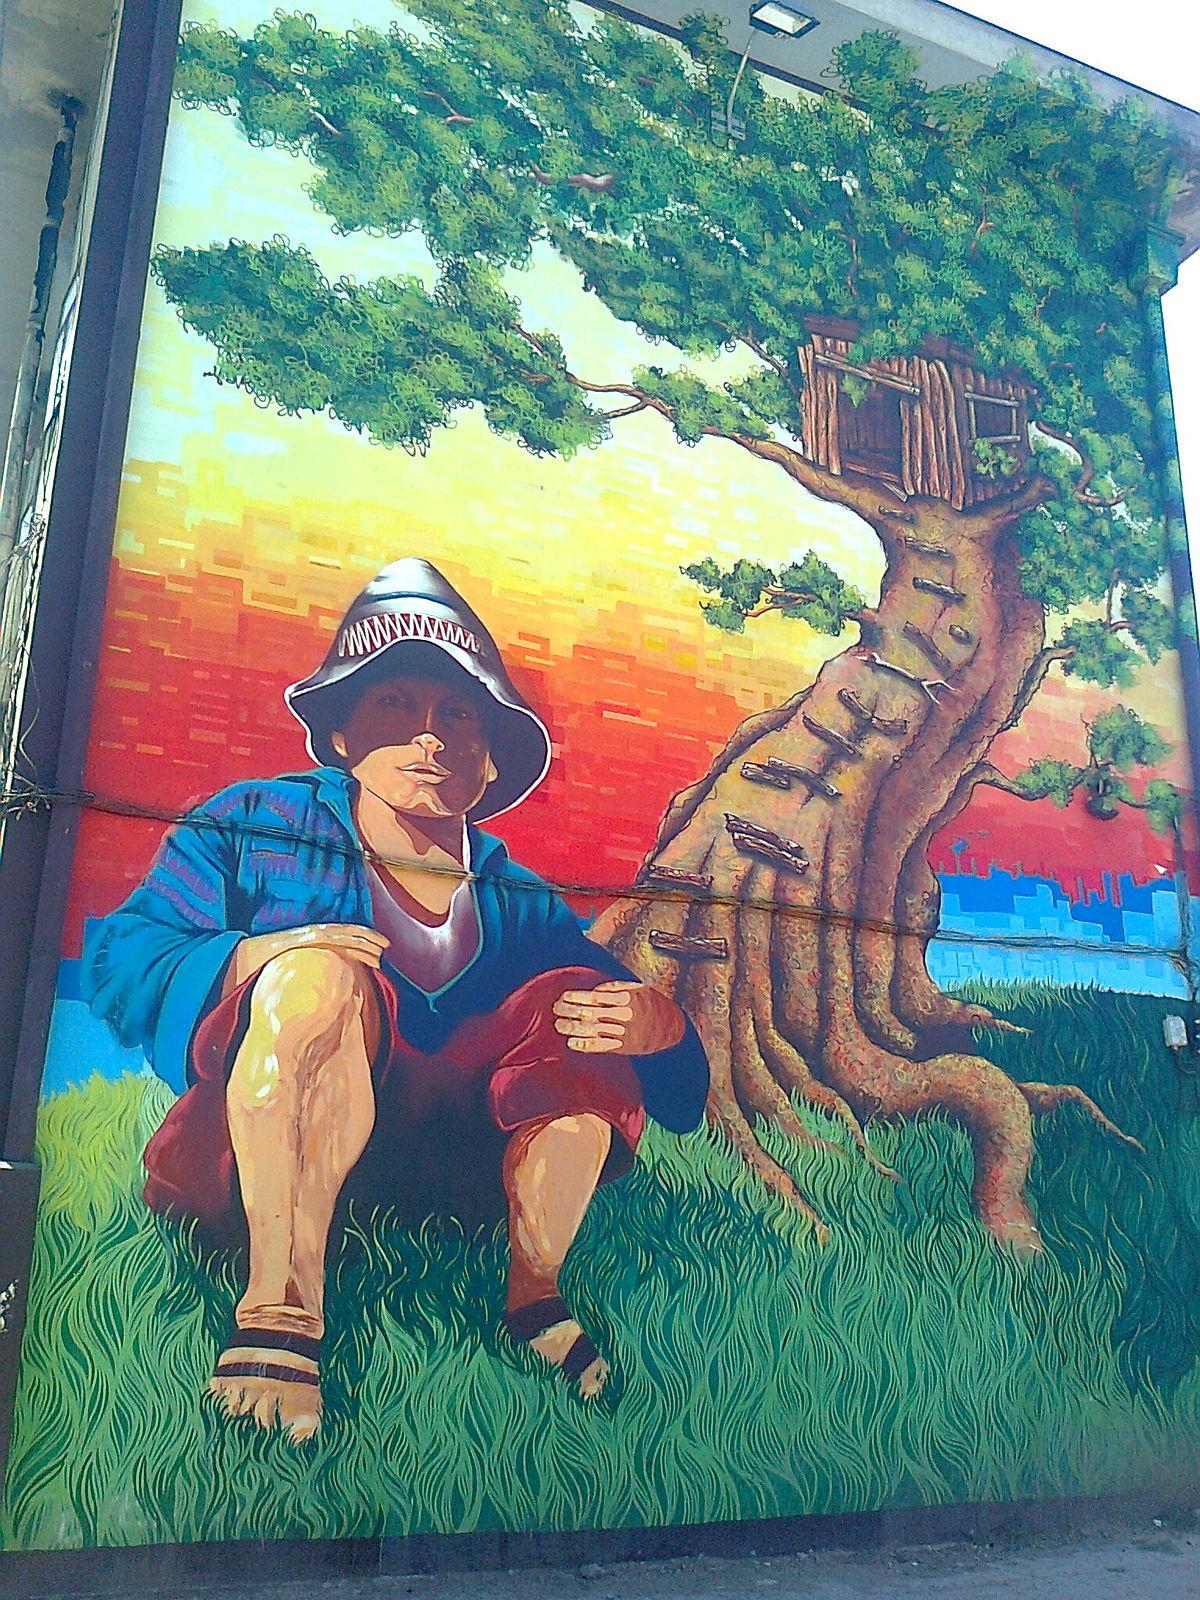 Museo a cielo abierto en san miguel wikipedia la for Papeles murales en santiago de chile